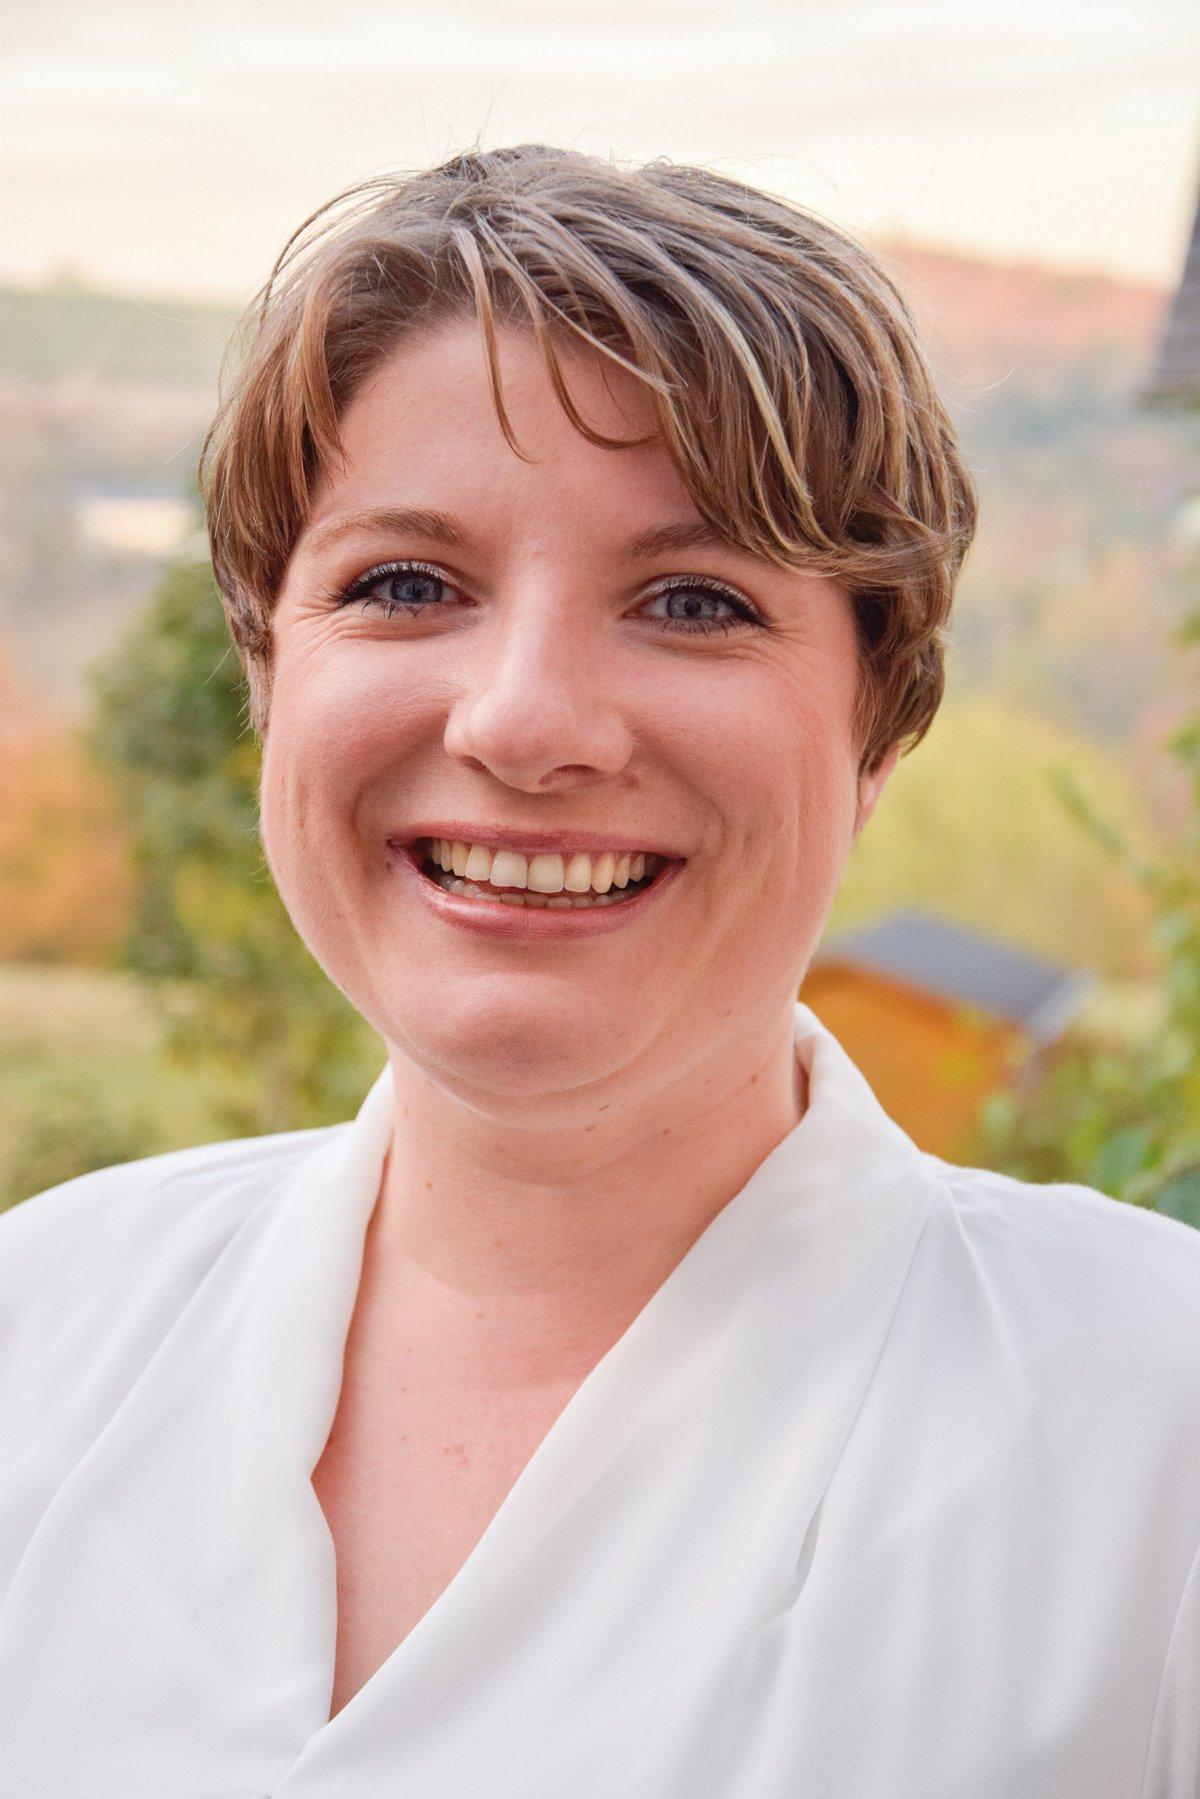 Das Foto zeigt die Physiotherapeutin Katrin Heindrichs aus Trier. Im Hintergrund sieht man Natur. Sie hat kurze braune Haare, lacht in die Kamera und trägt eine weiße Bluse.